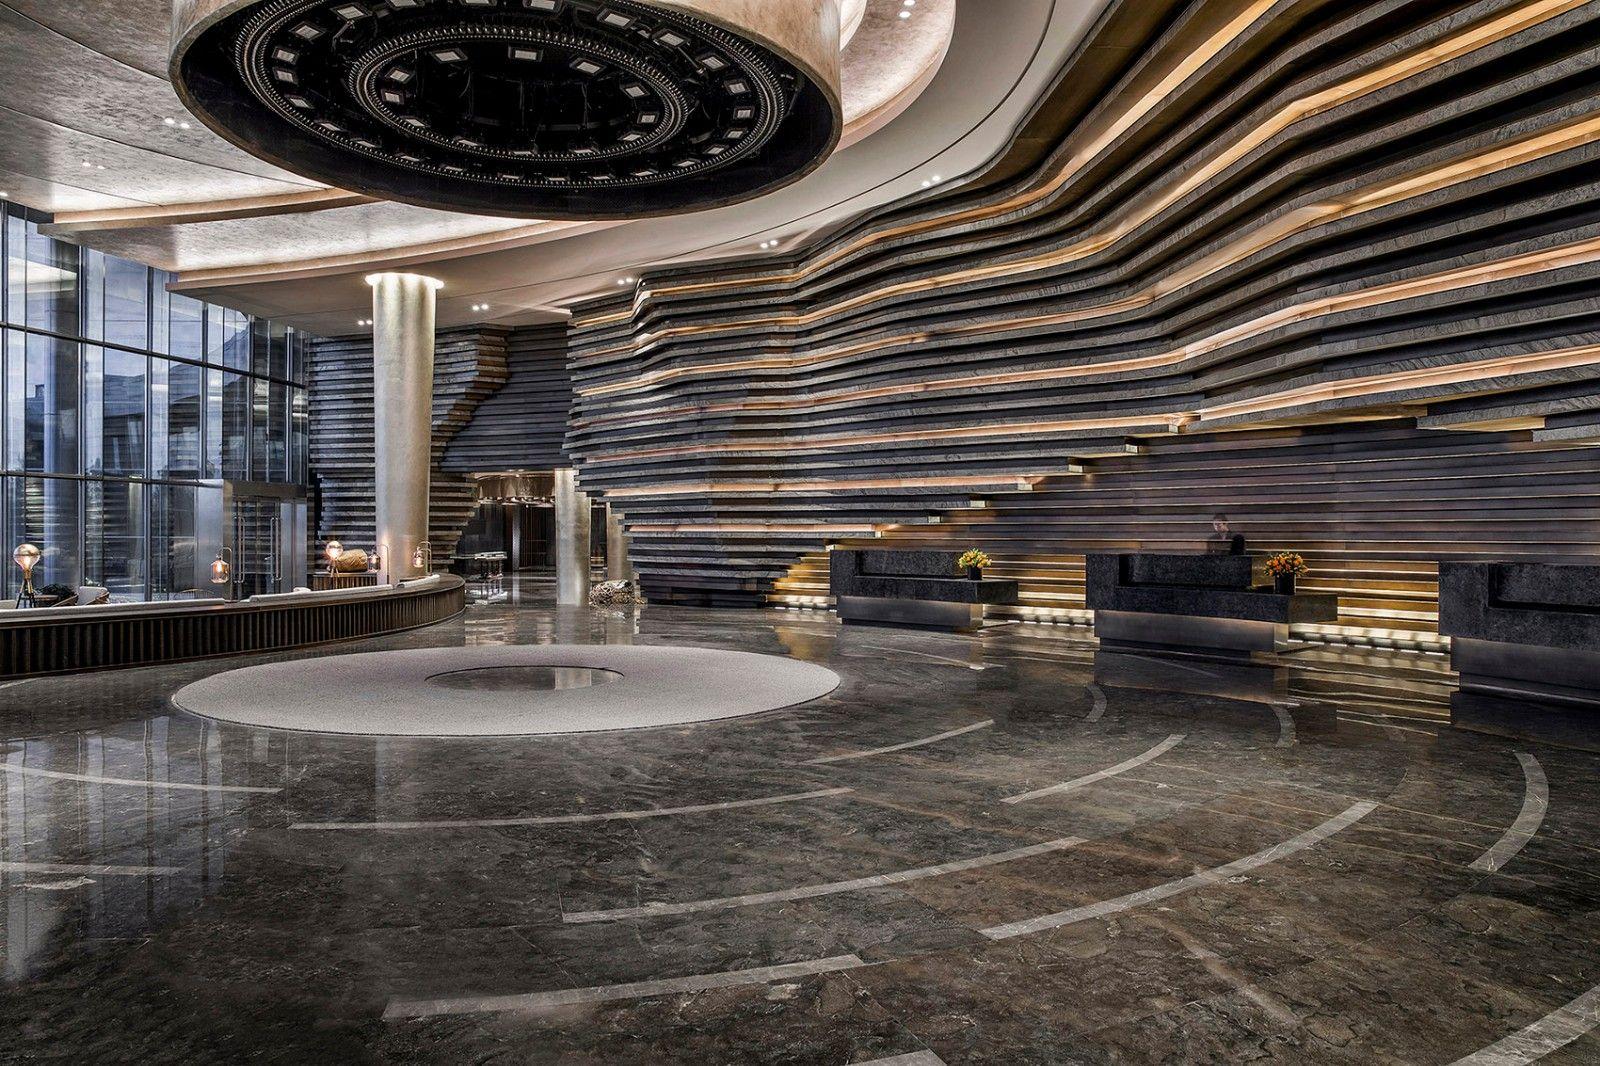 深坑•矿意美学,上海世茂深坑洲际酒店 | CCD香港郑中设计事务所